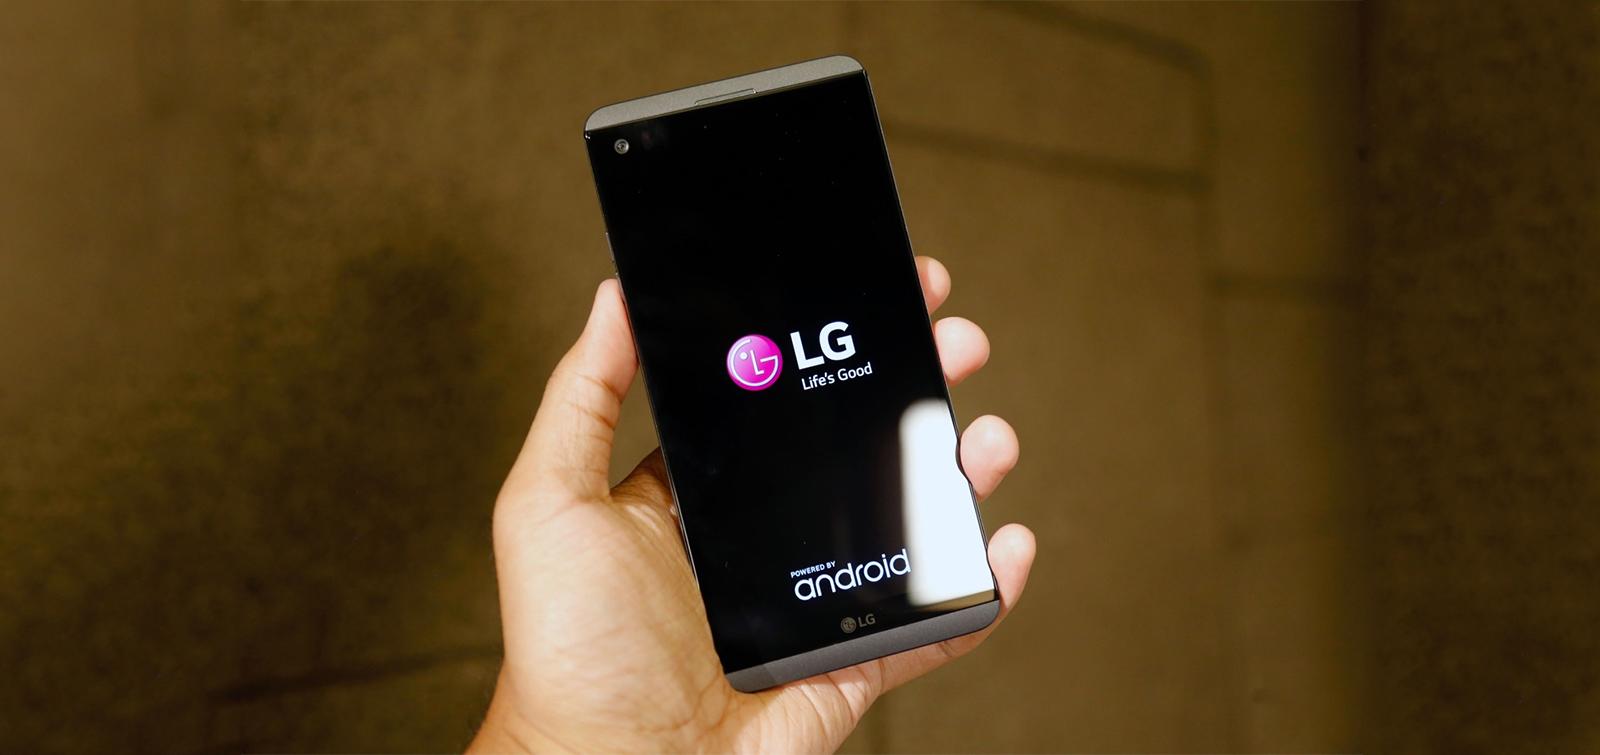 LG Android Nougat v20